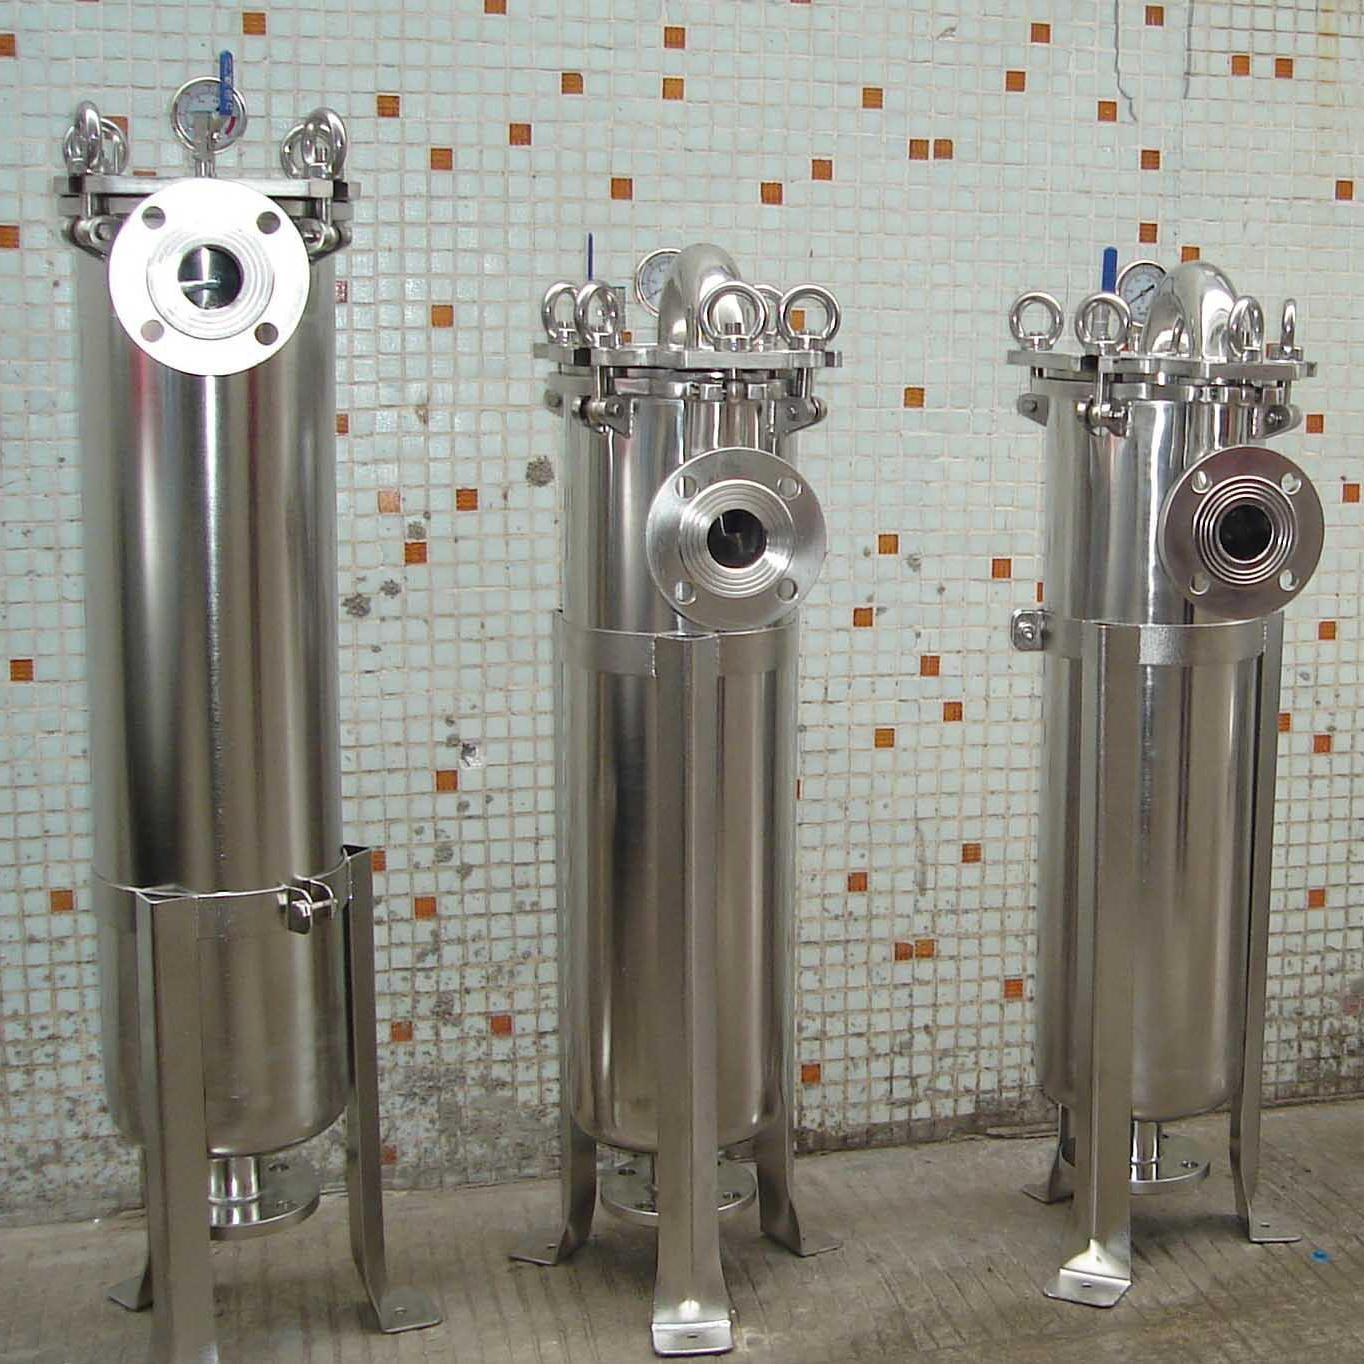 多用途水处理设备袋式过滤器外形精细美观